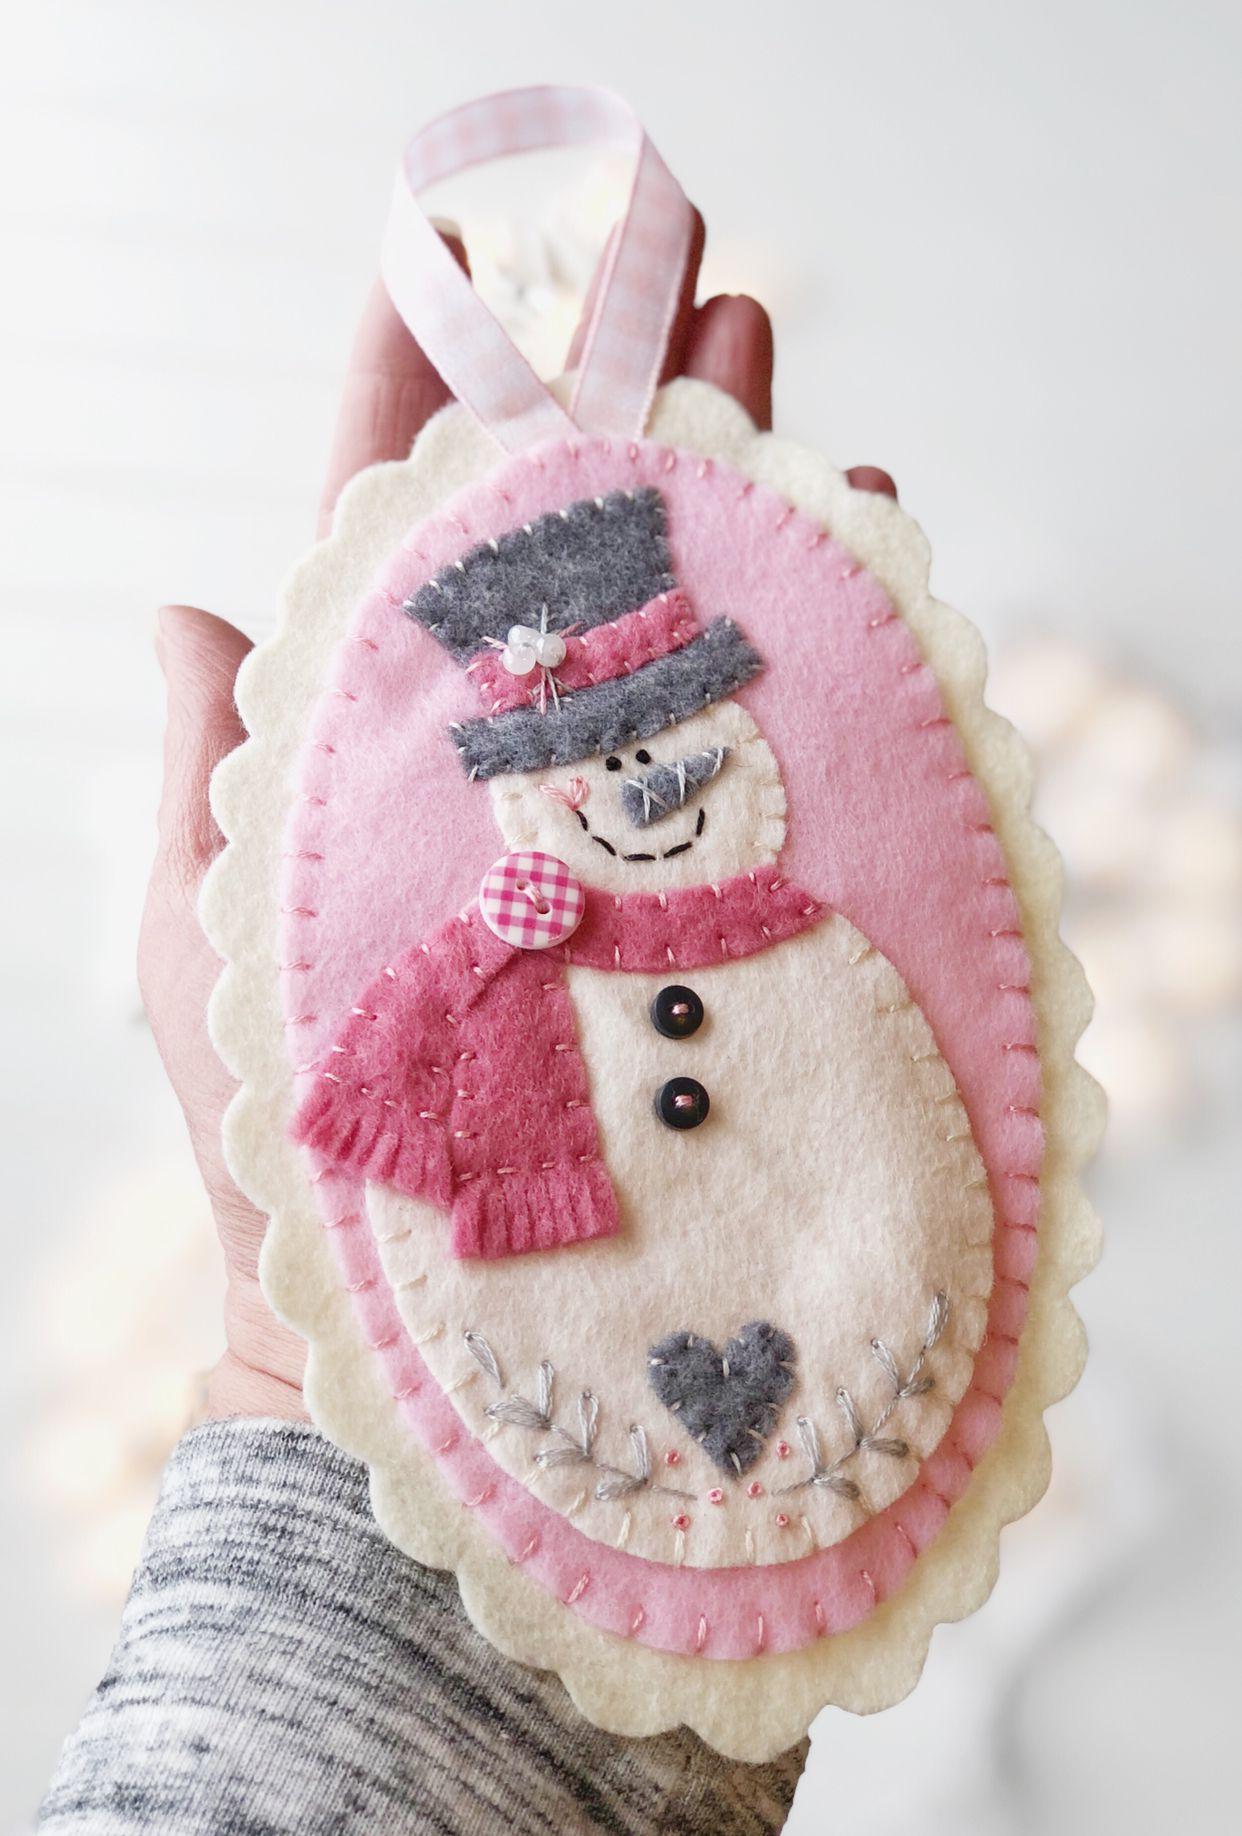 Felt Christmas Ornament Felt Ornaments Patterns Felt Christmas Ornaments Felt Ornaments